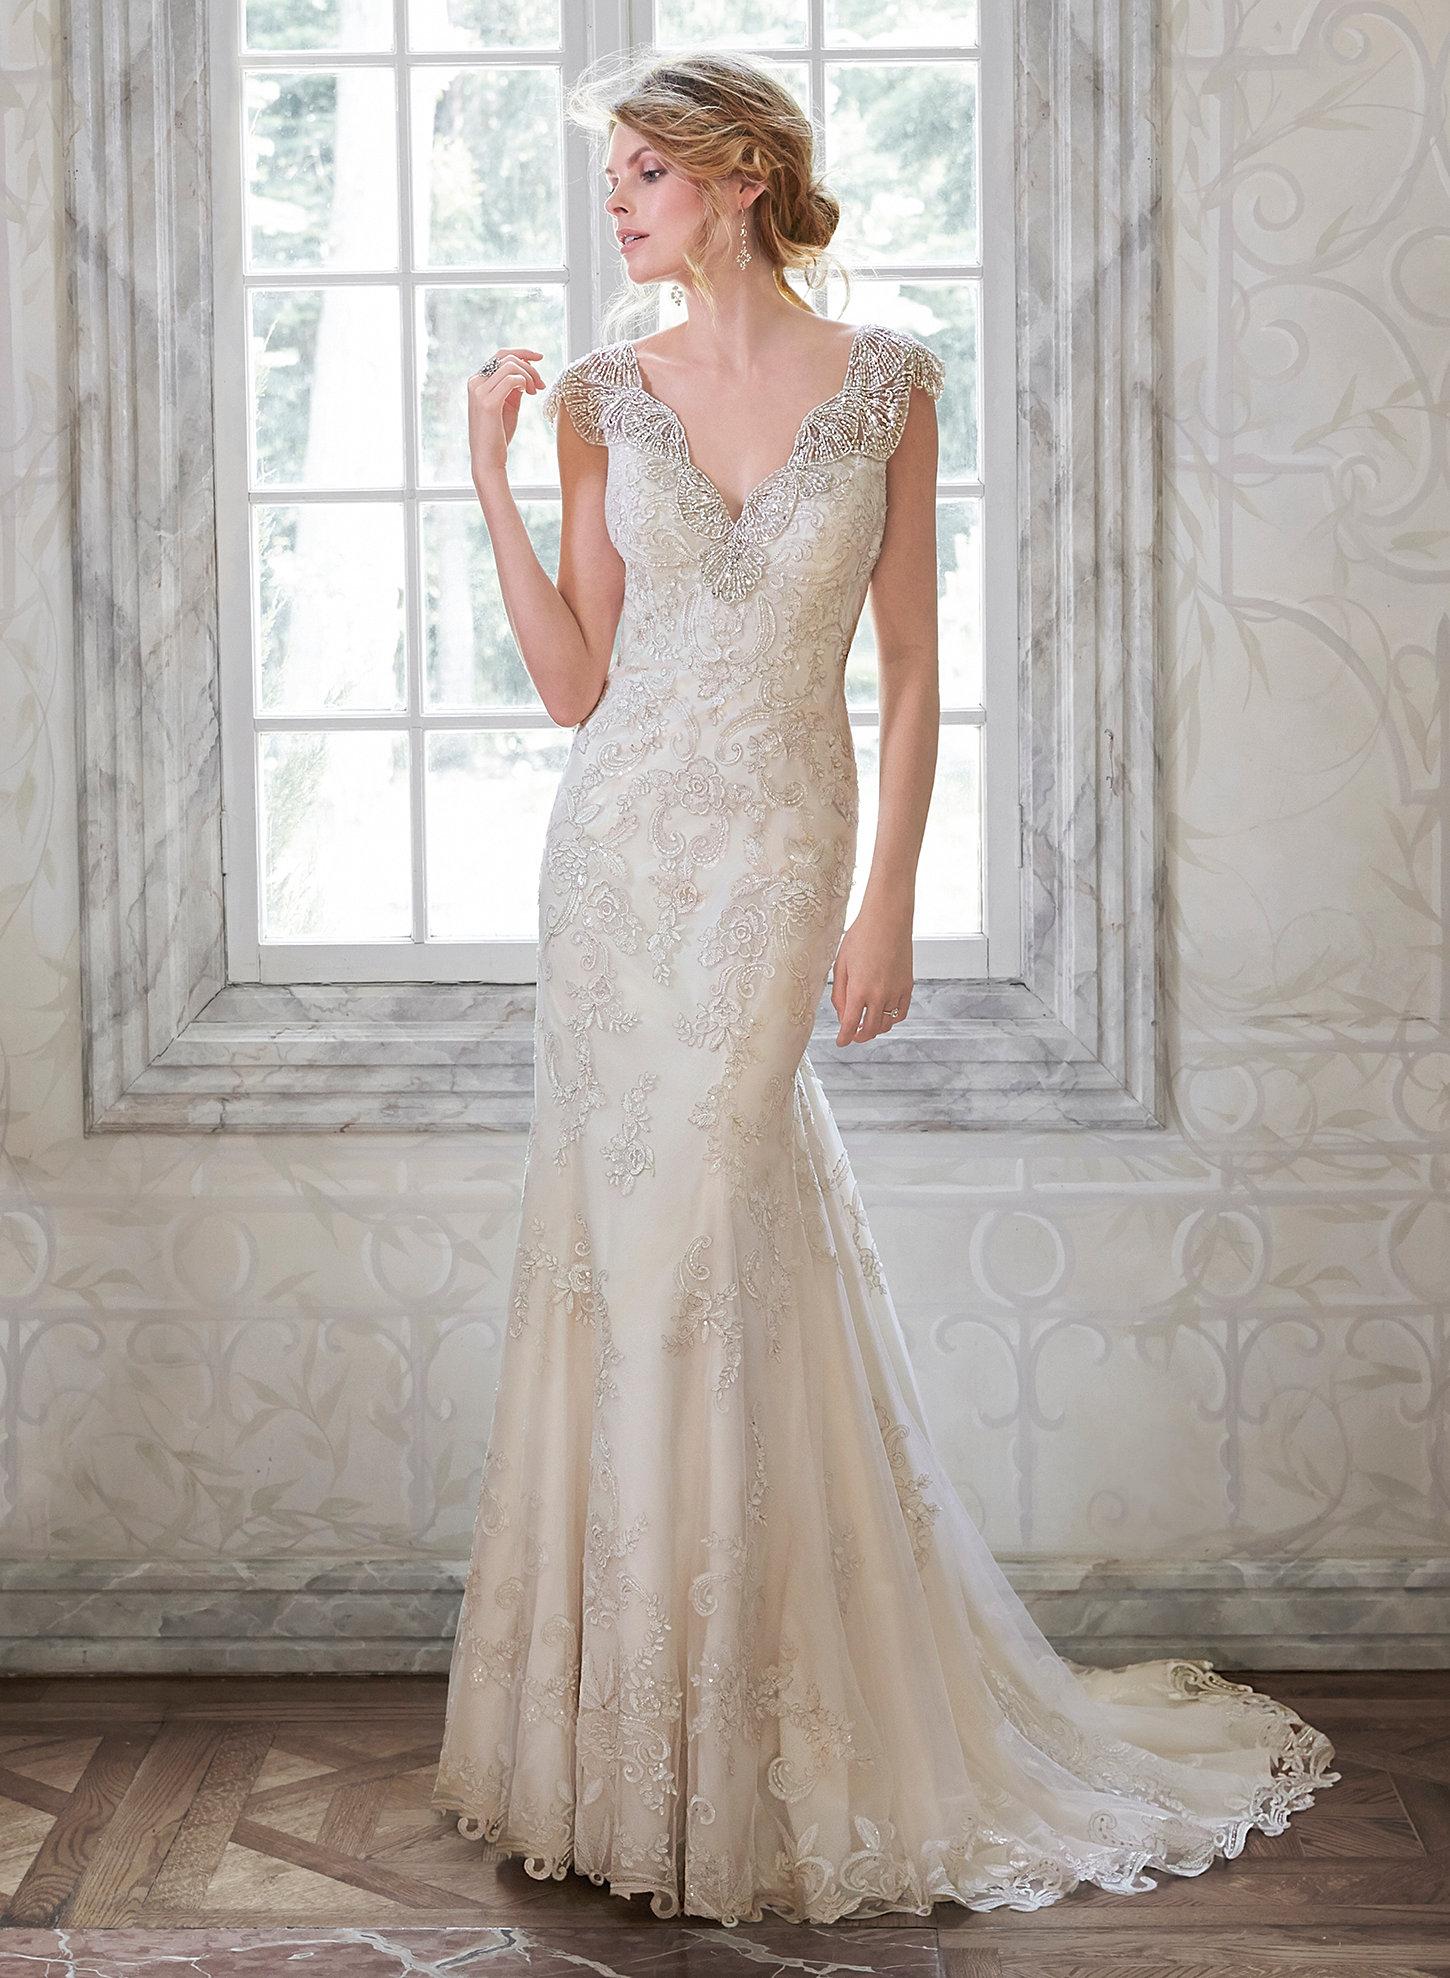 Wedding Dress Shop St Albans. Stunning Cheap Wedding Dresses ...